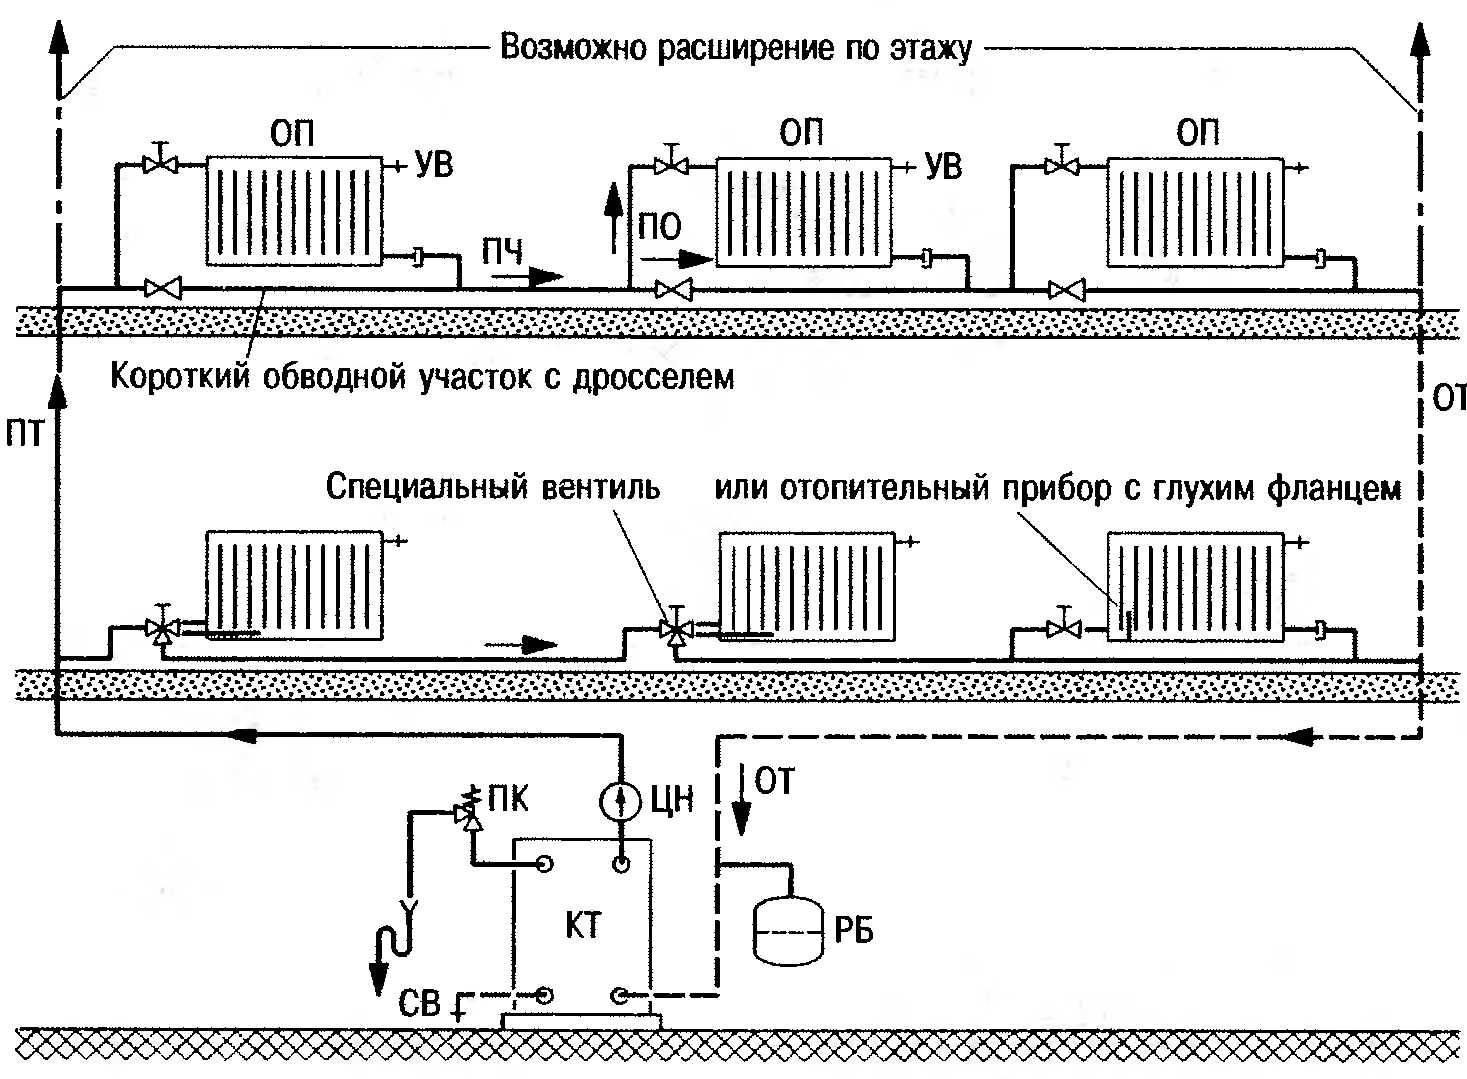 Расчет объема системы отопления